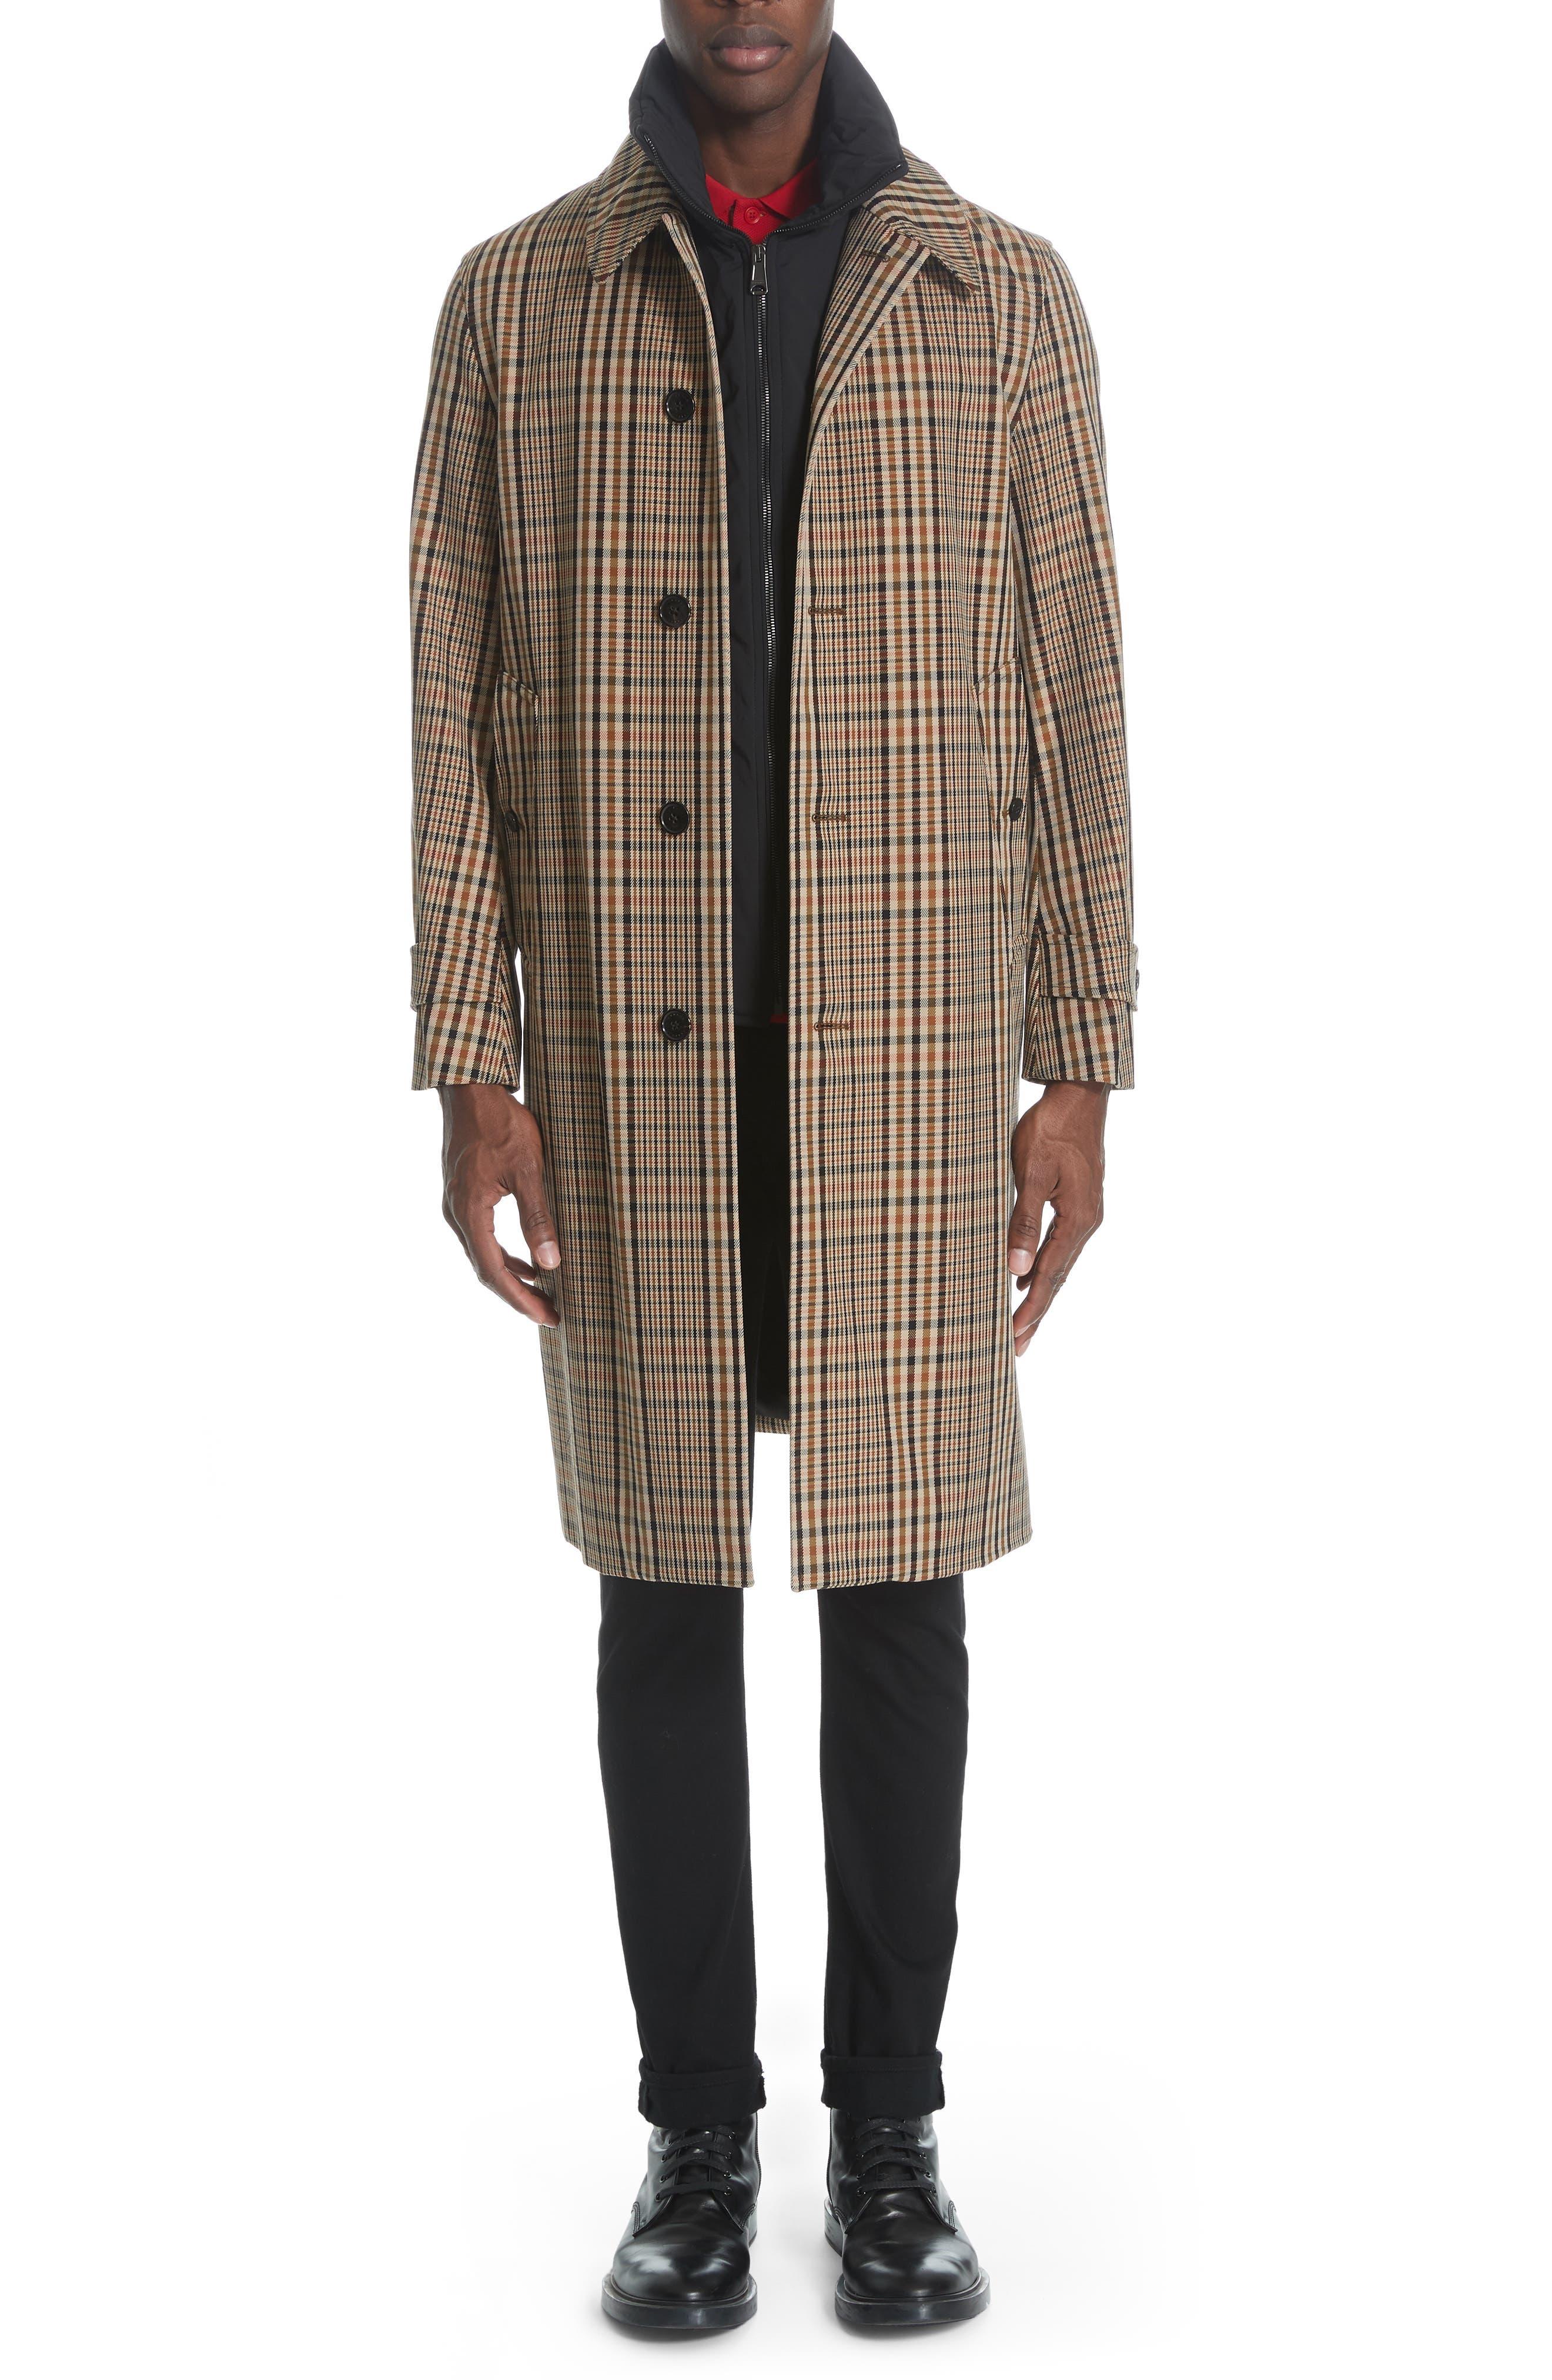 BURBERRY Lenthorne Check Car Coat with Detachable Vest, Main, color, DARK CAMEL